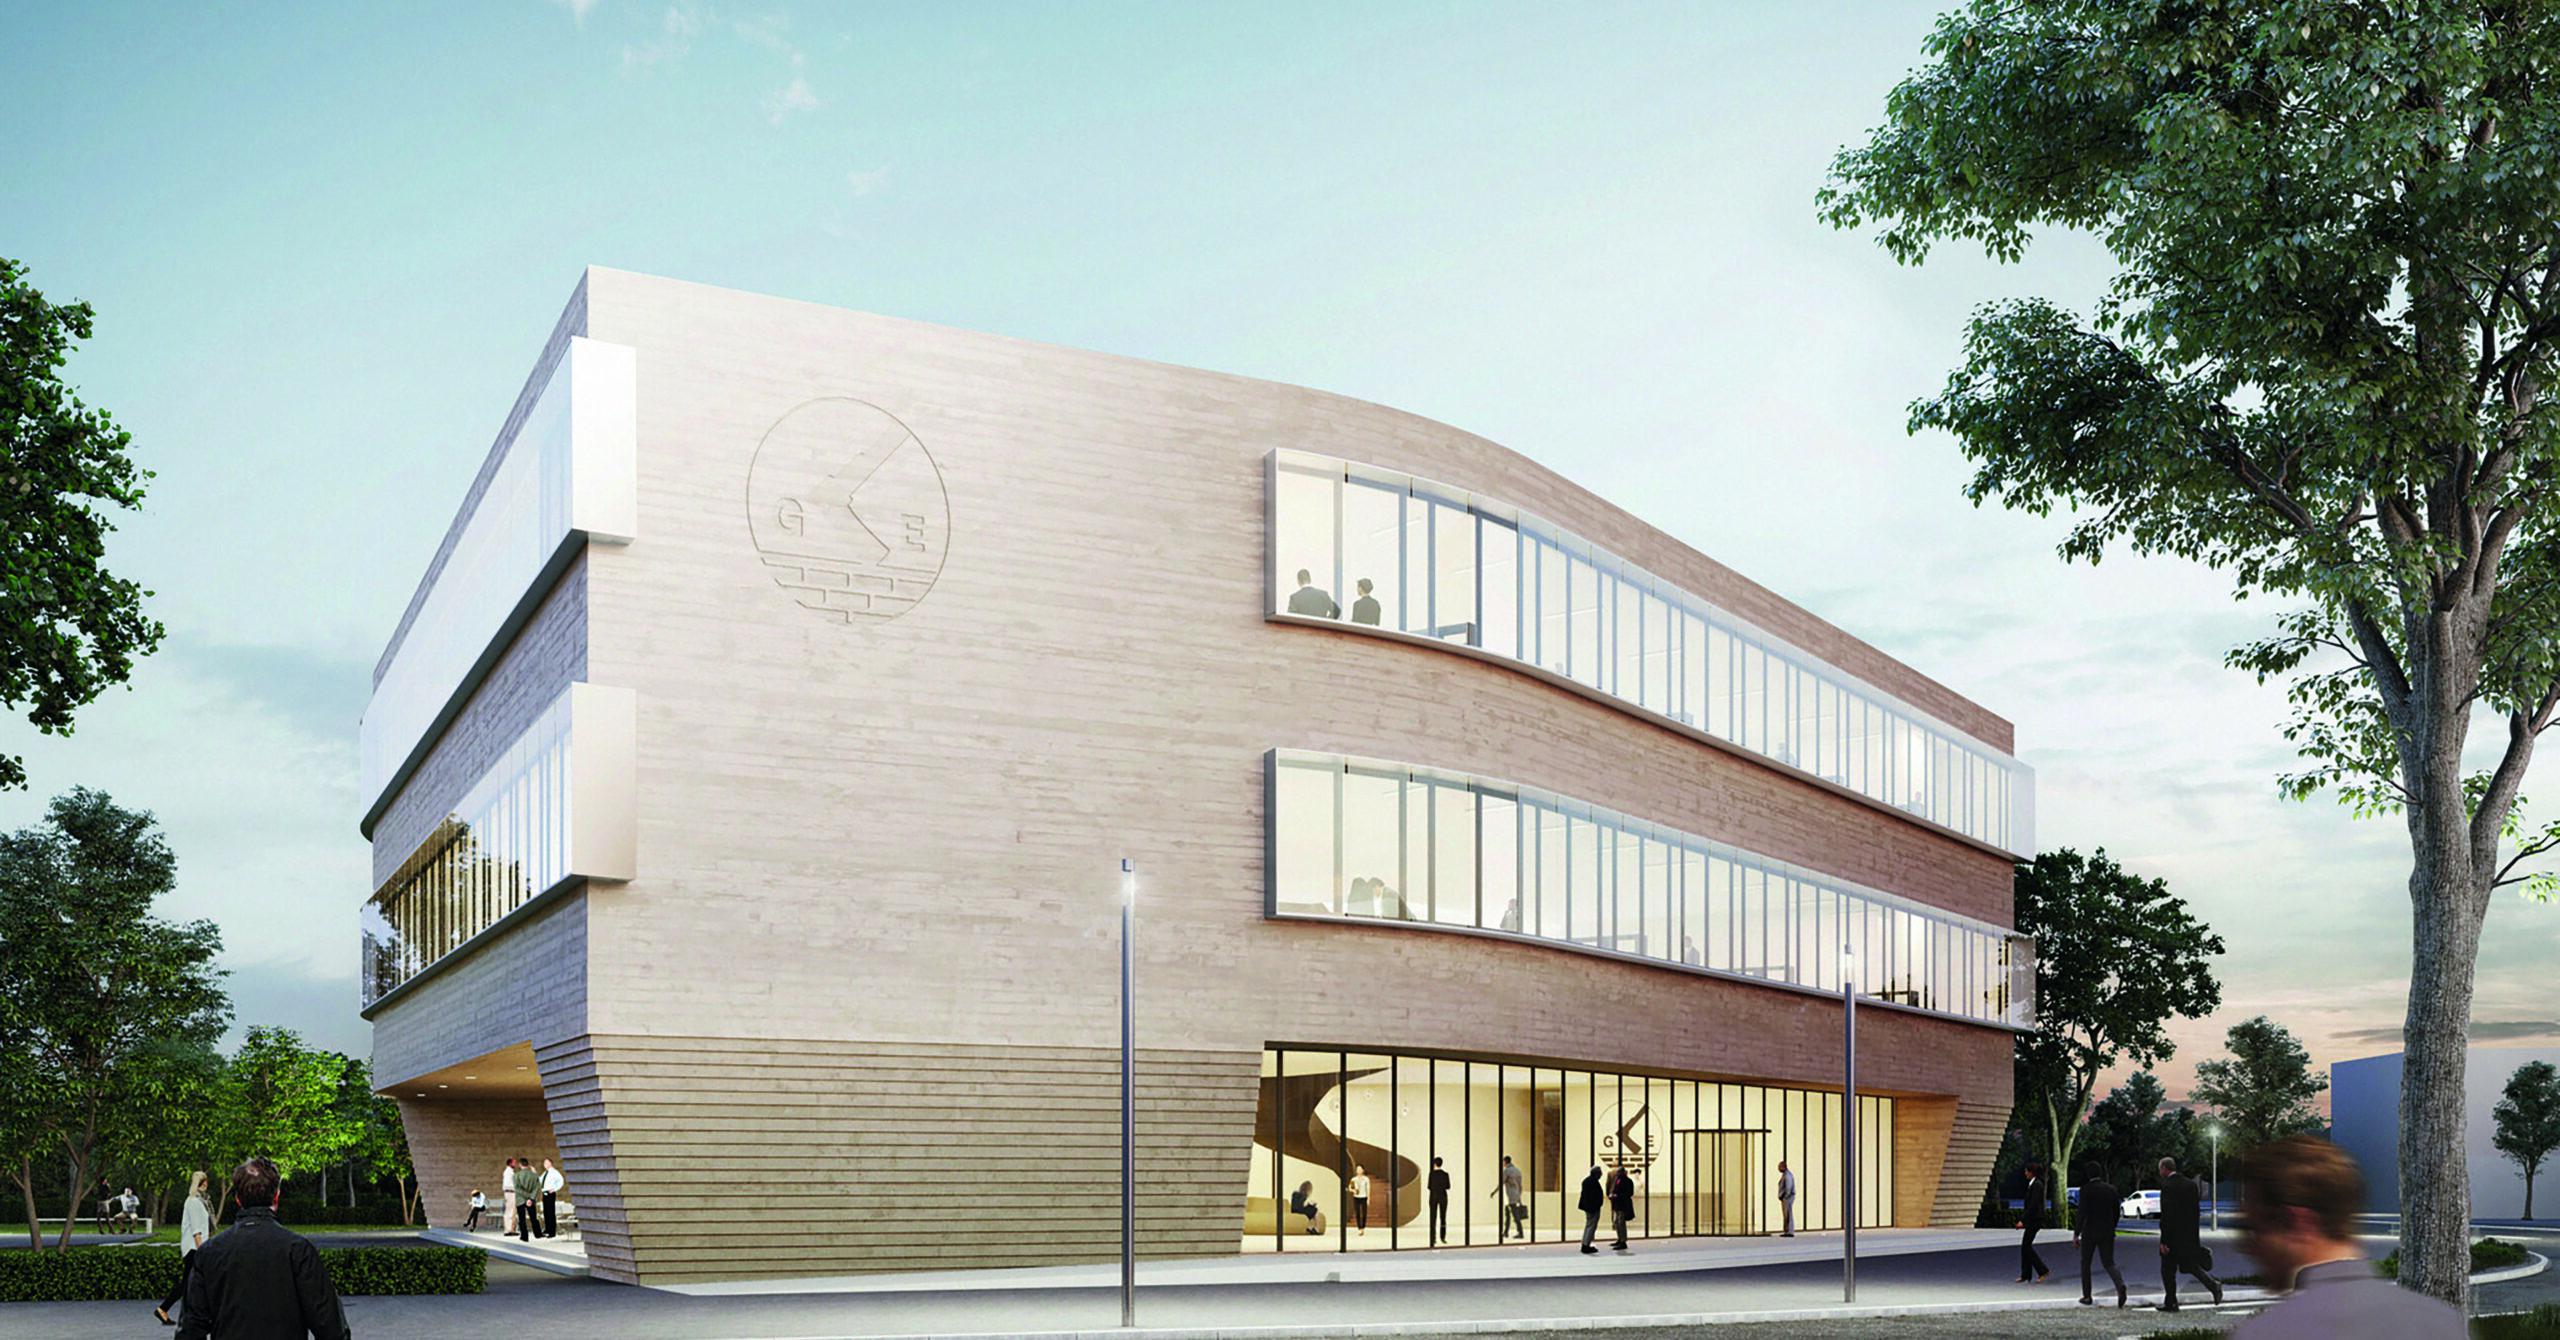 Die neue Hauptverwaltung mit 4.300 Quadratmetern Fläche auf drei Geschossen und innen liegendem Atrium ab September 2021.